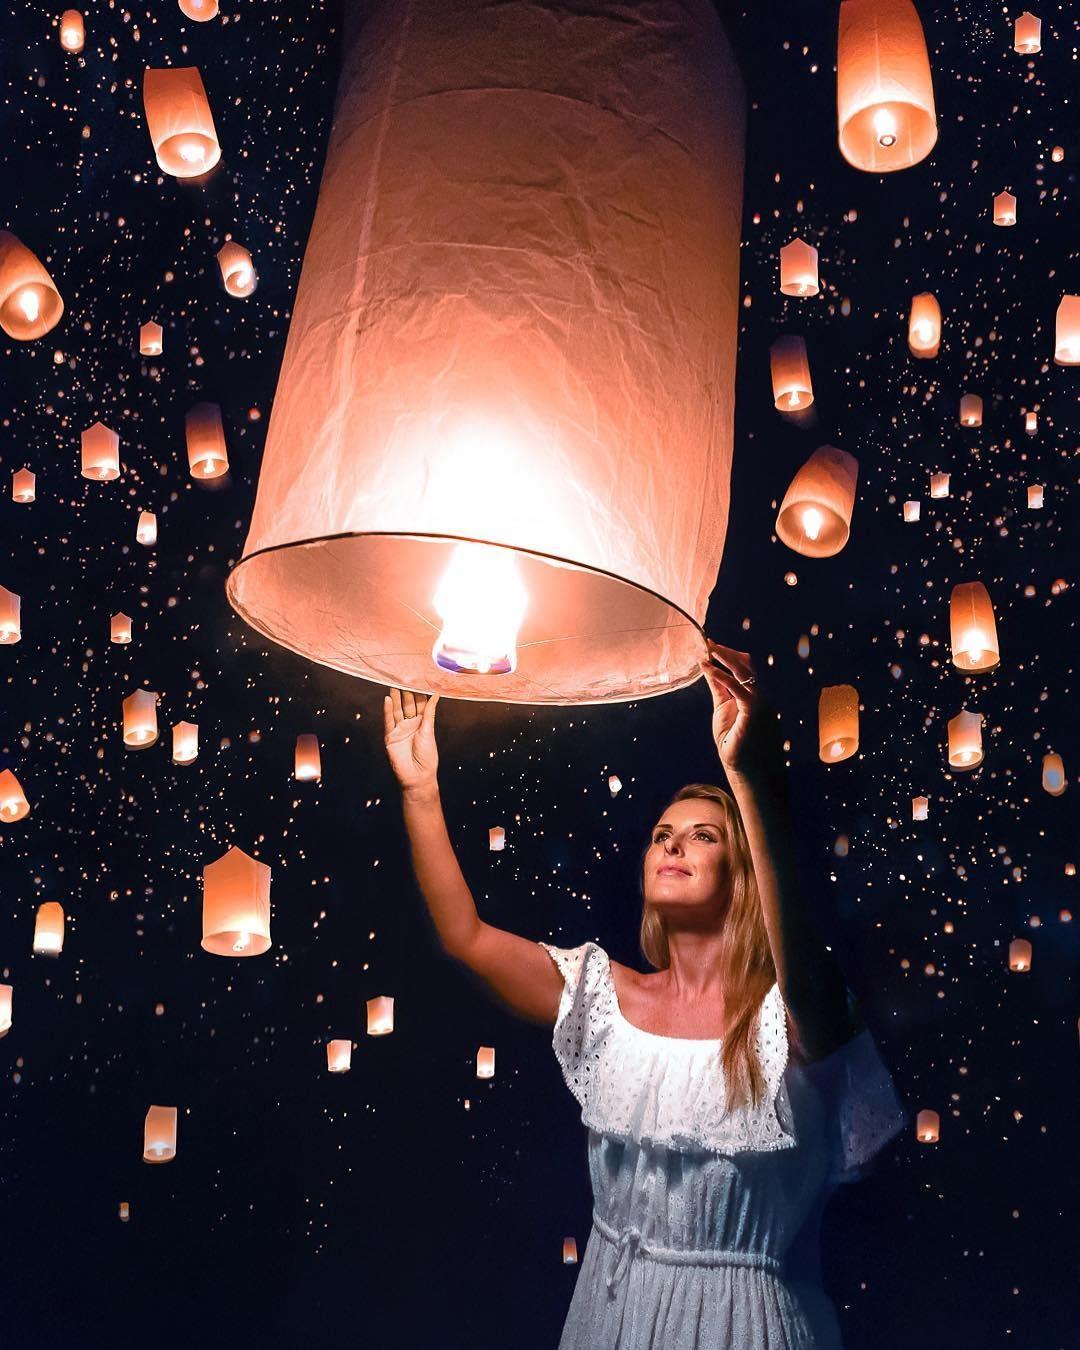 Festival das lanternas, tradição na Tailândia (Foto: Reprodução / Instagram / @agirlwhoblooms)